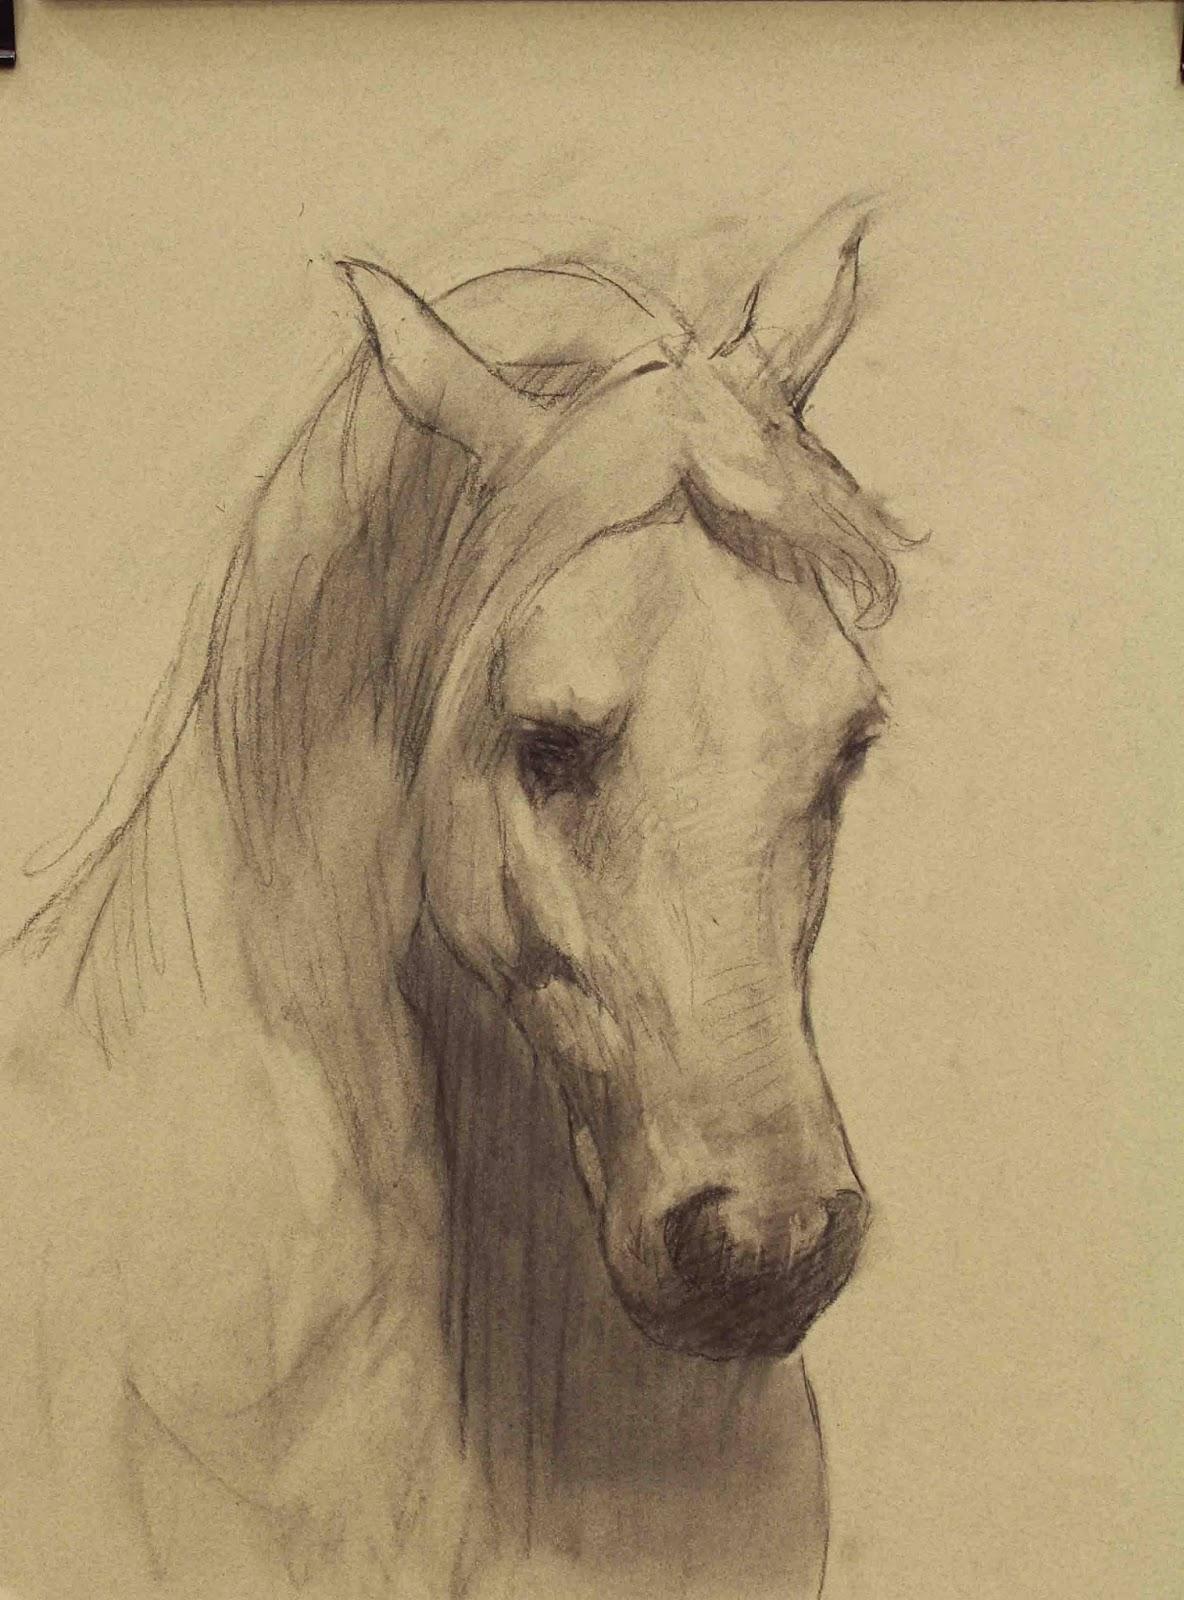 Arte Realista De Takiguthi Desenho De Cavalo Em Carvao Executado